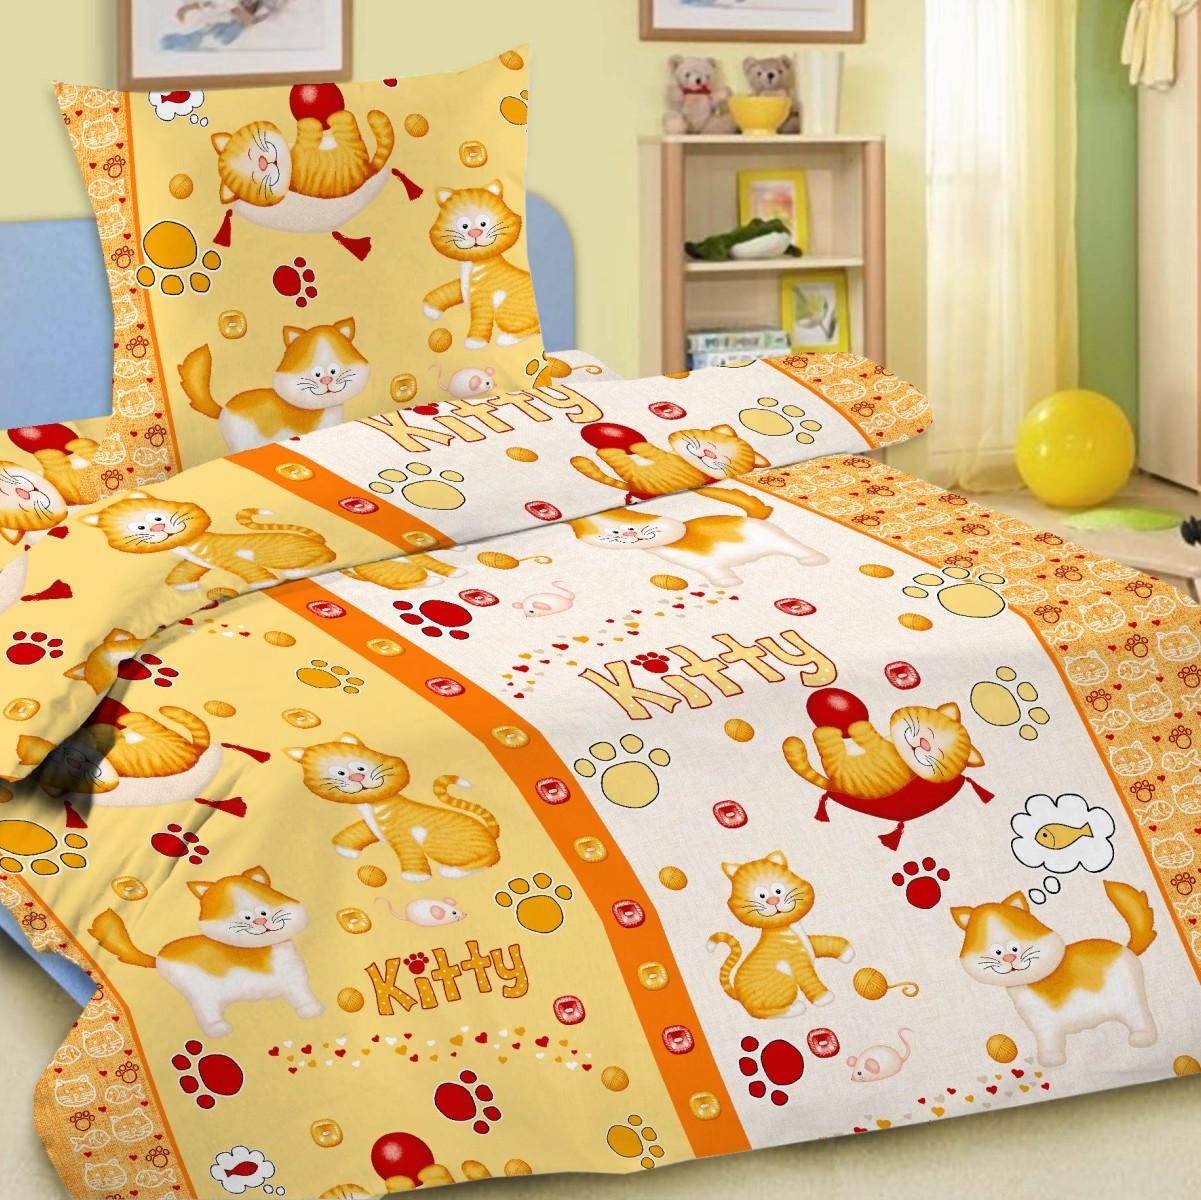 Letto Комплект детского постельного белья Китти цвет желтый531-105Letto.kids - это веселые детские и подростковые дизайны, в хлопковом исполнении с хорошими устойчивыми красителями и все это по очень доступной цене! Такое белье прослужит долго и выдержит много стирок. Рисунок на наволочке может отличаться от представленного на фото.